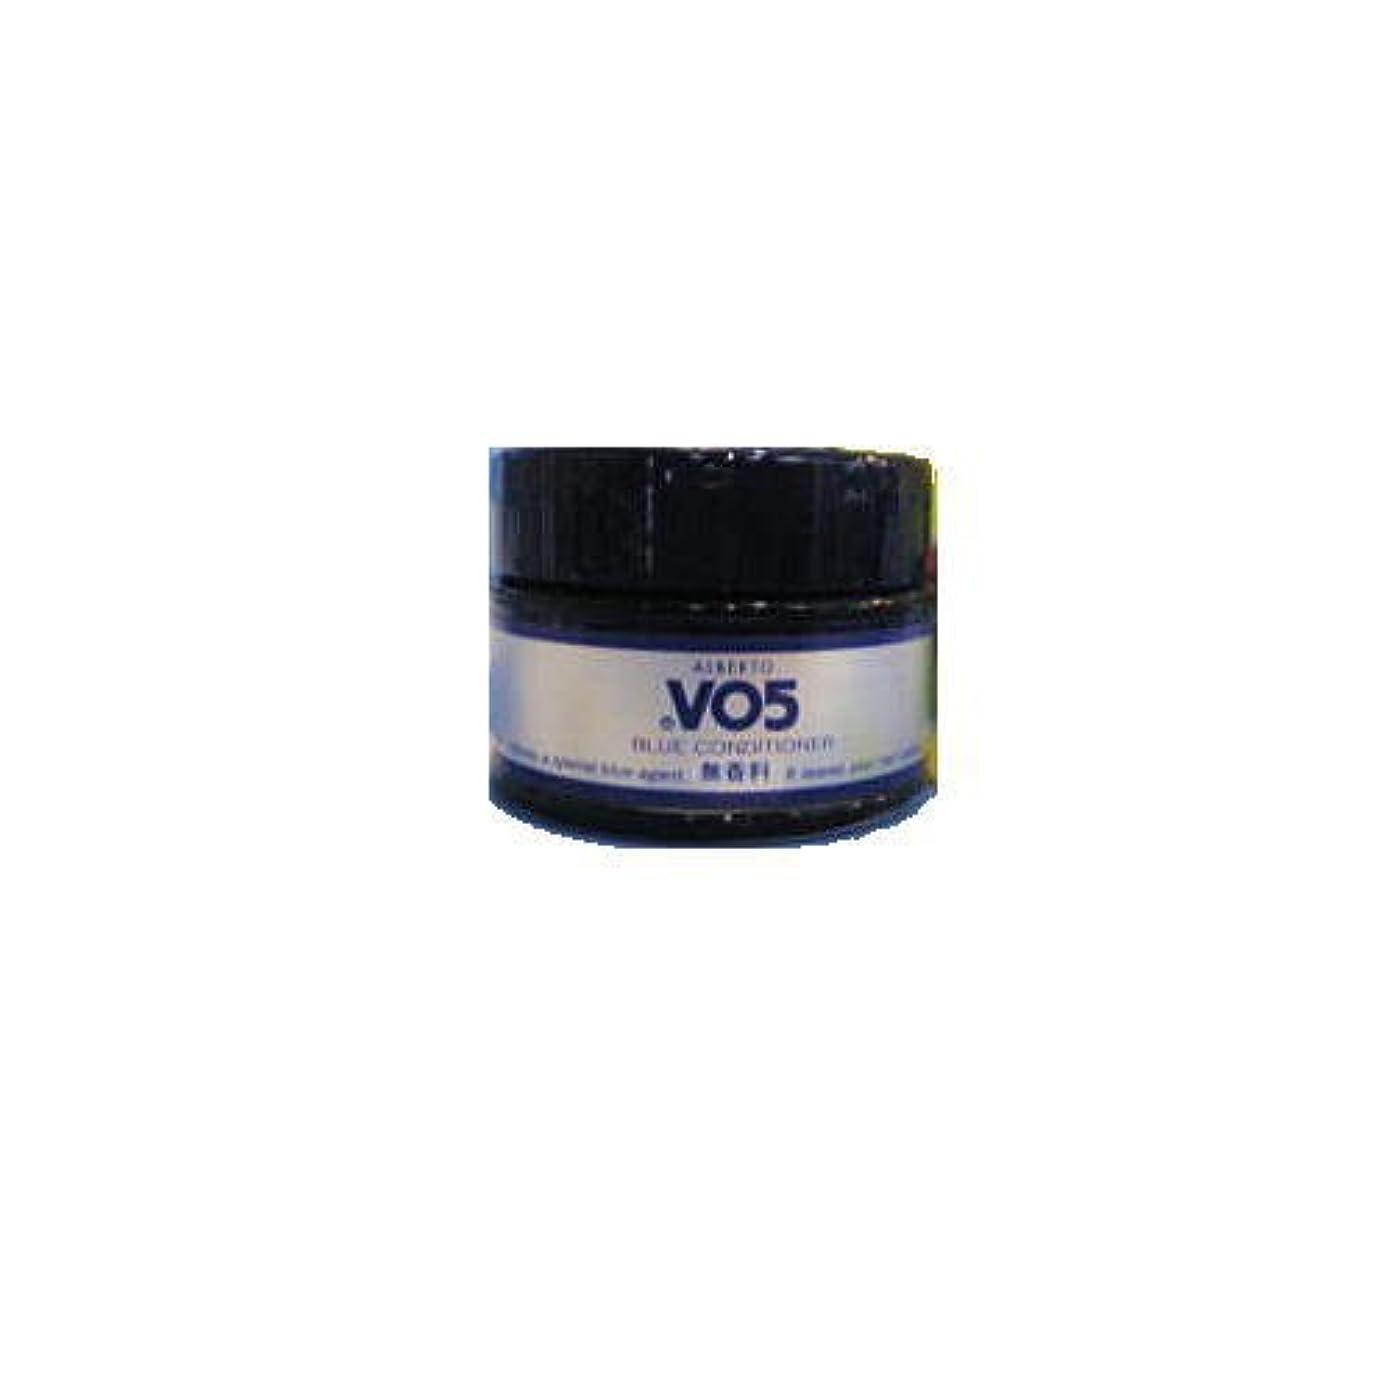 血色の良い息苦しいインフレーションアルバートVO5コンソート ブルーコンディショナー 無香料 85g